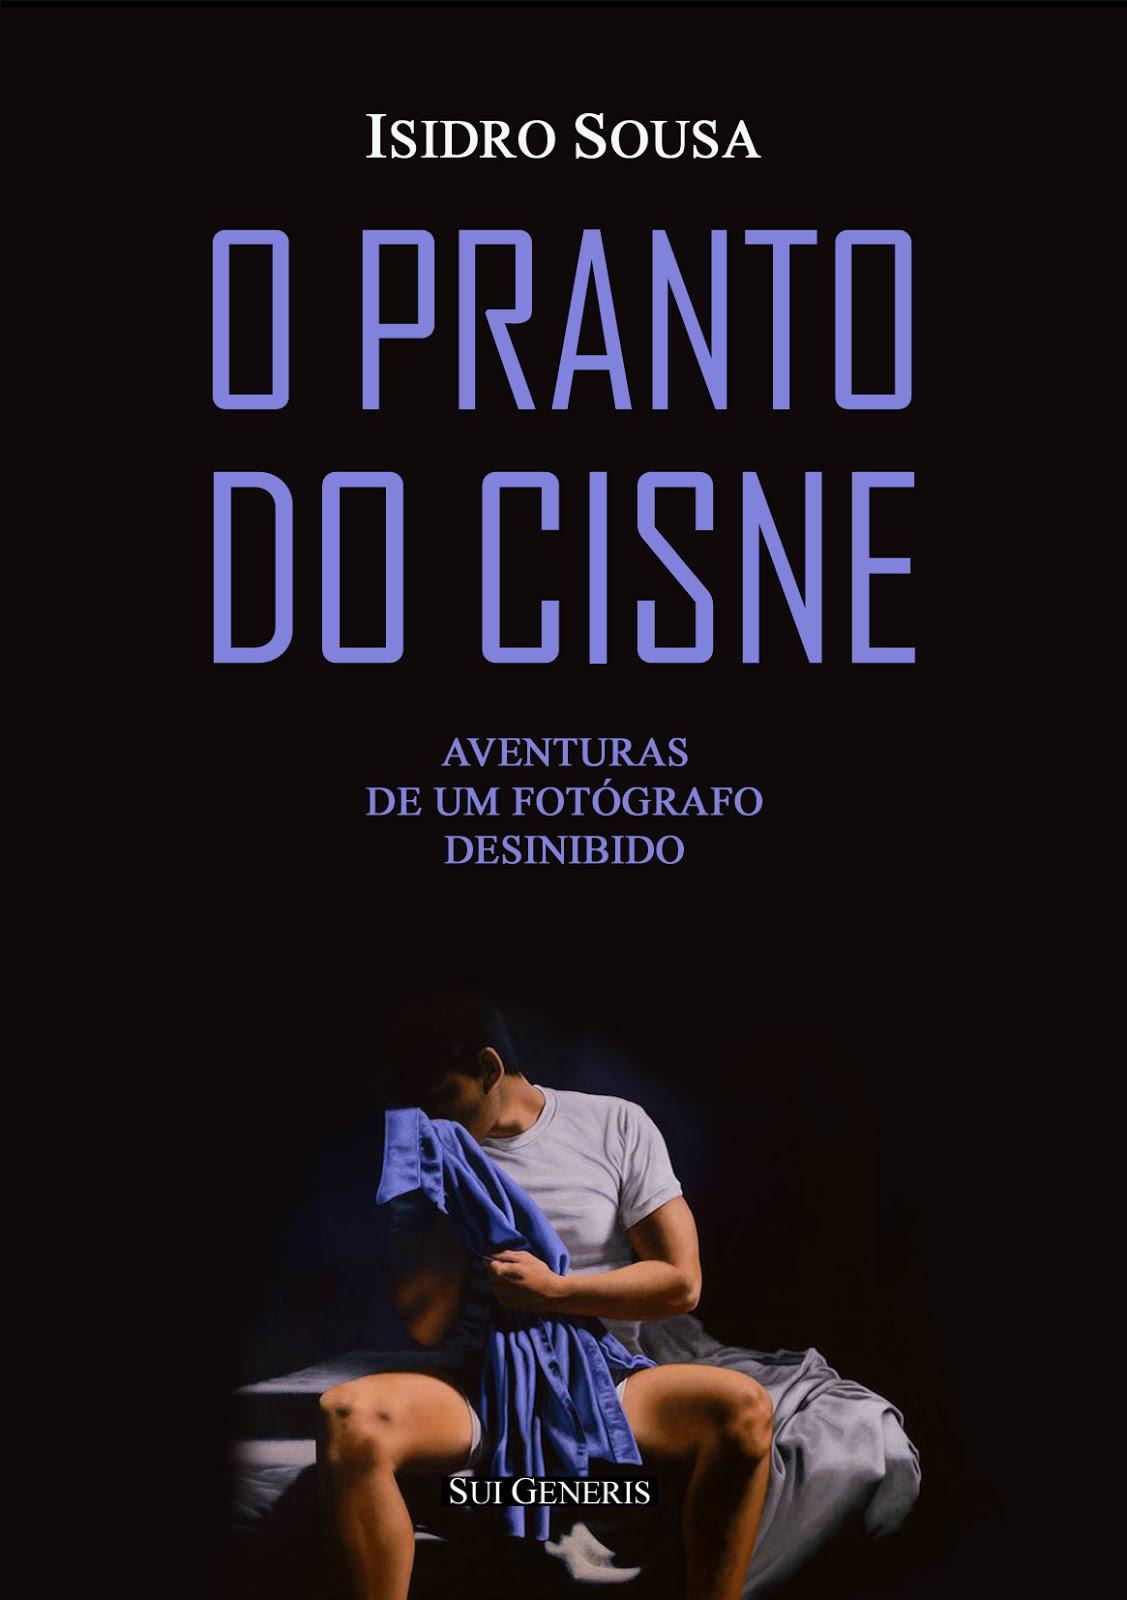 Publiquei «O PRANTO DO CISNE», o meu segundo livro, com prefácio assinado pela autora Marcella Reis